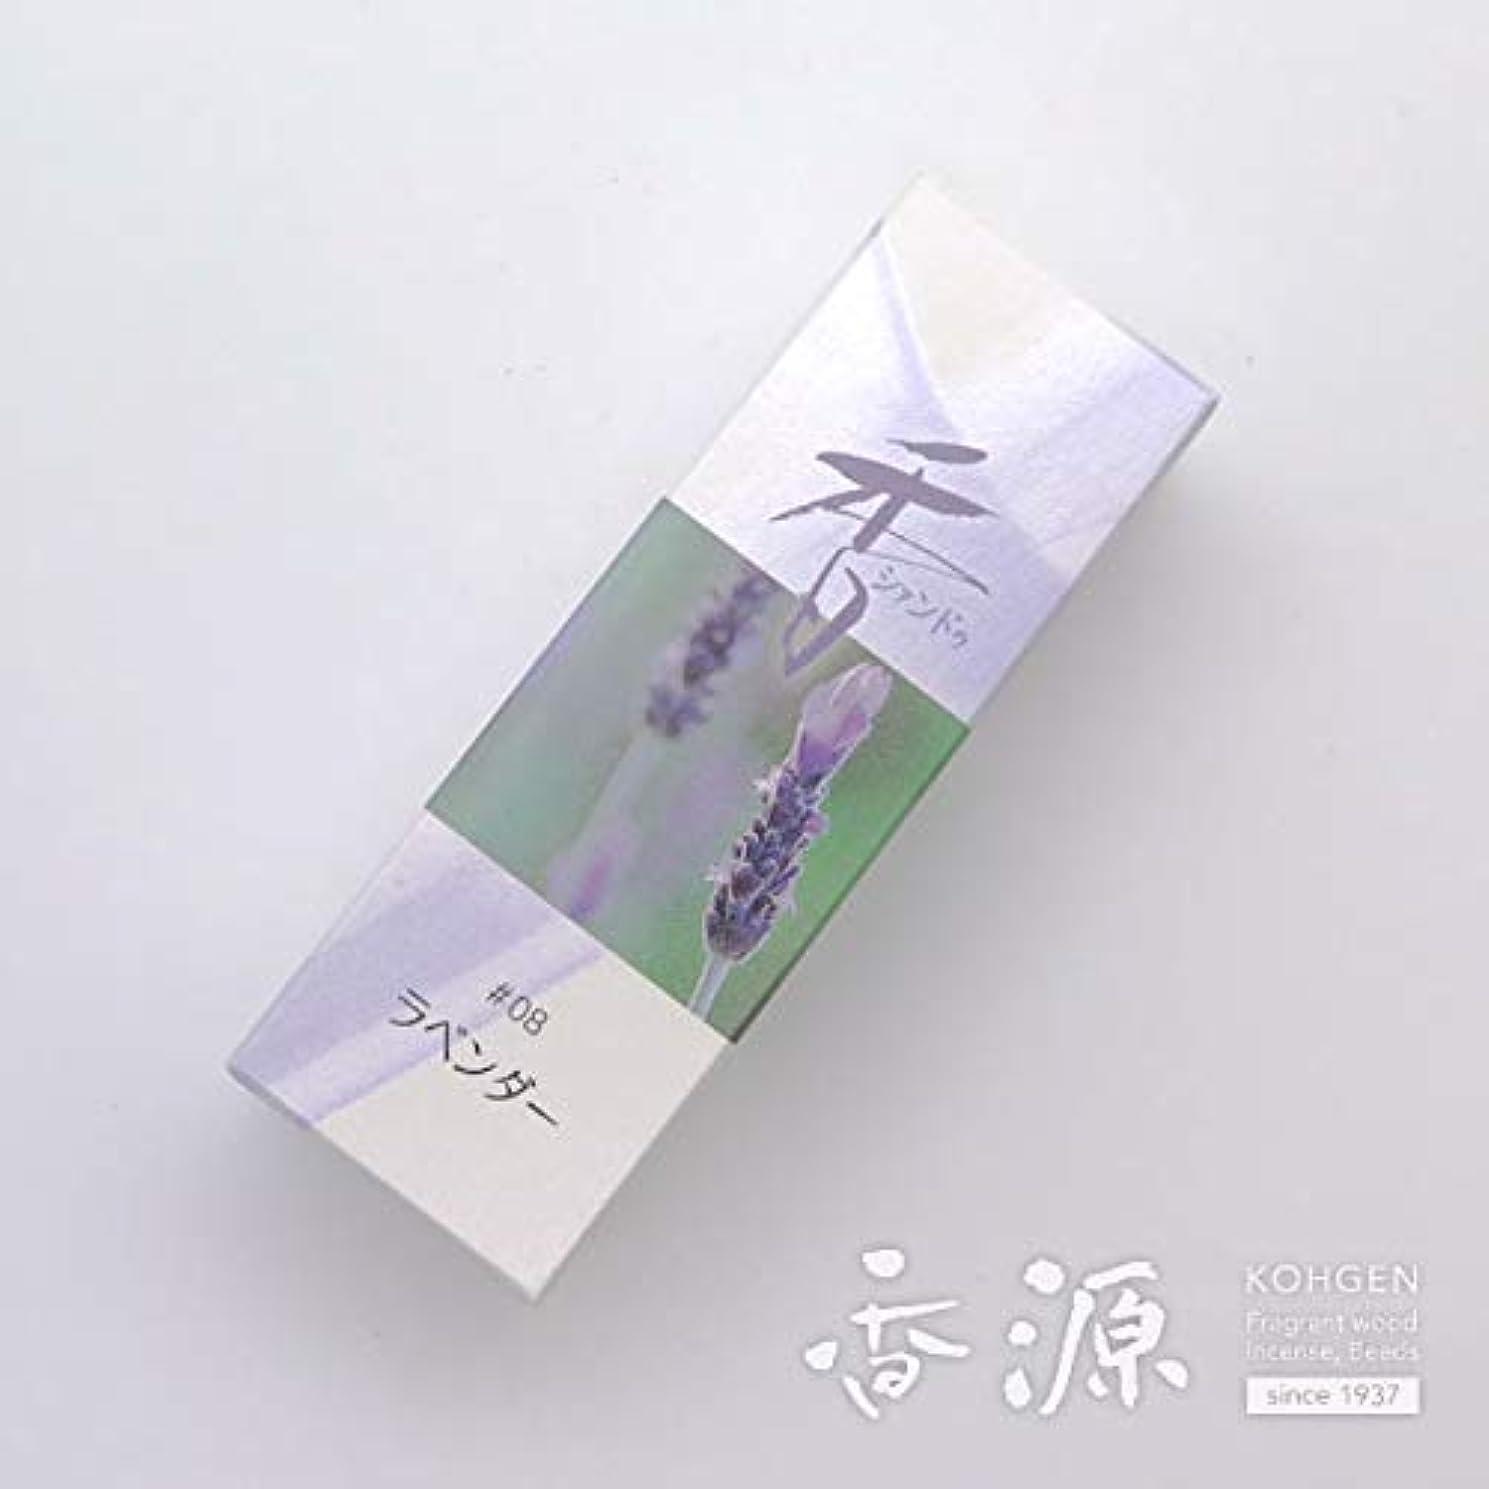 責専門むき出し松栄堂のお香 Xiang Do ラベンダー ST20本入 簡易香立付 #214208